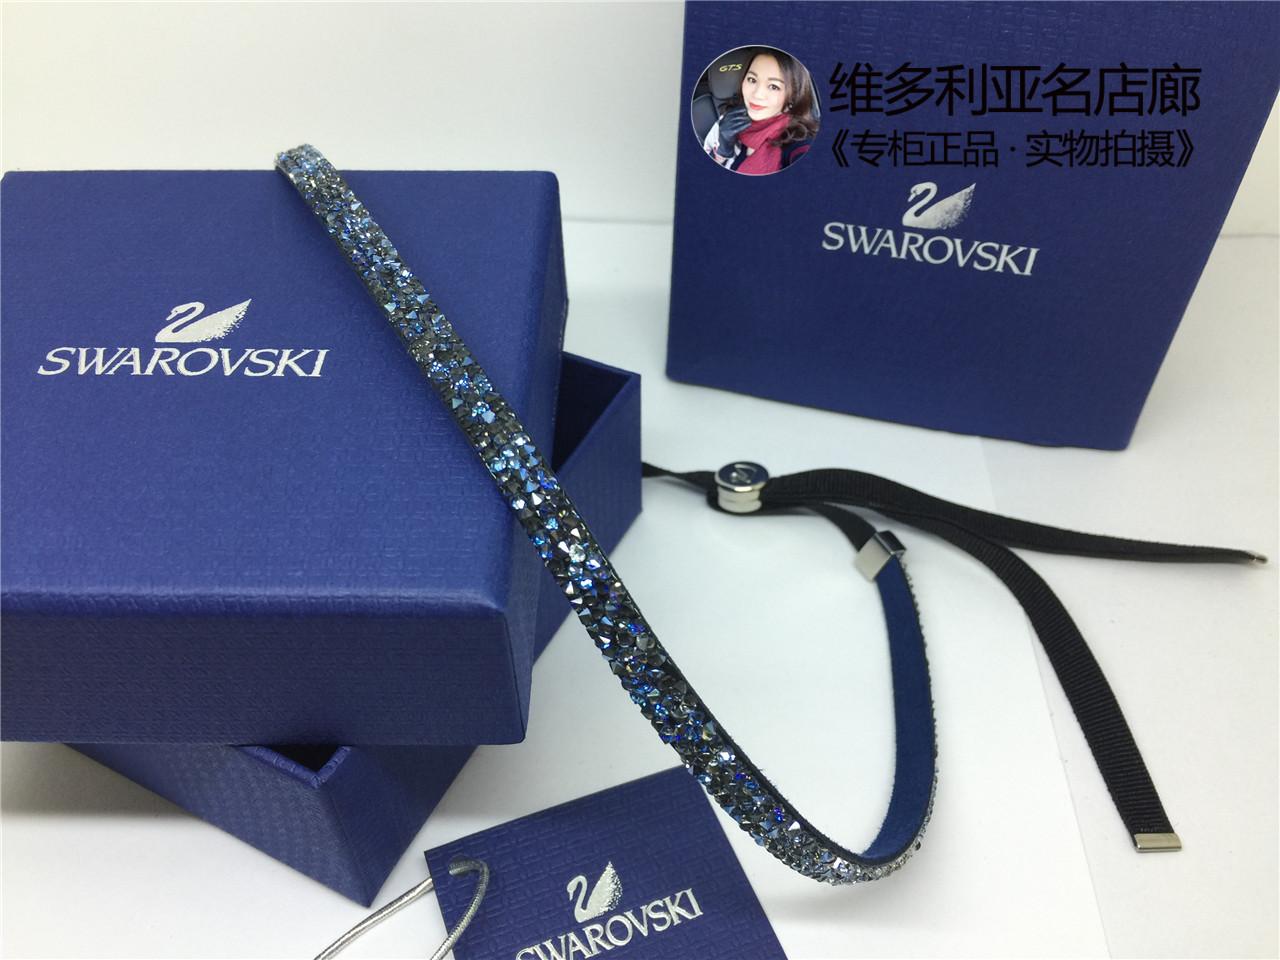 Качественная продукция из специализированного магазина сваровски мир странный кристалл новый пакет шея ожерелье 5279163 5279165